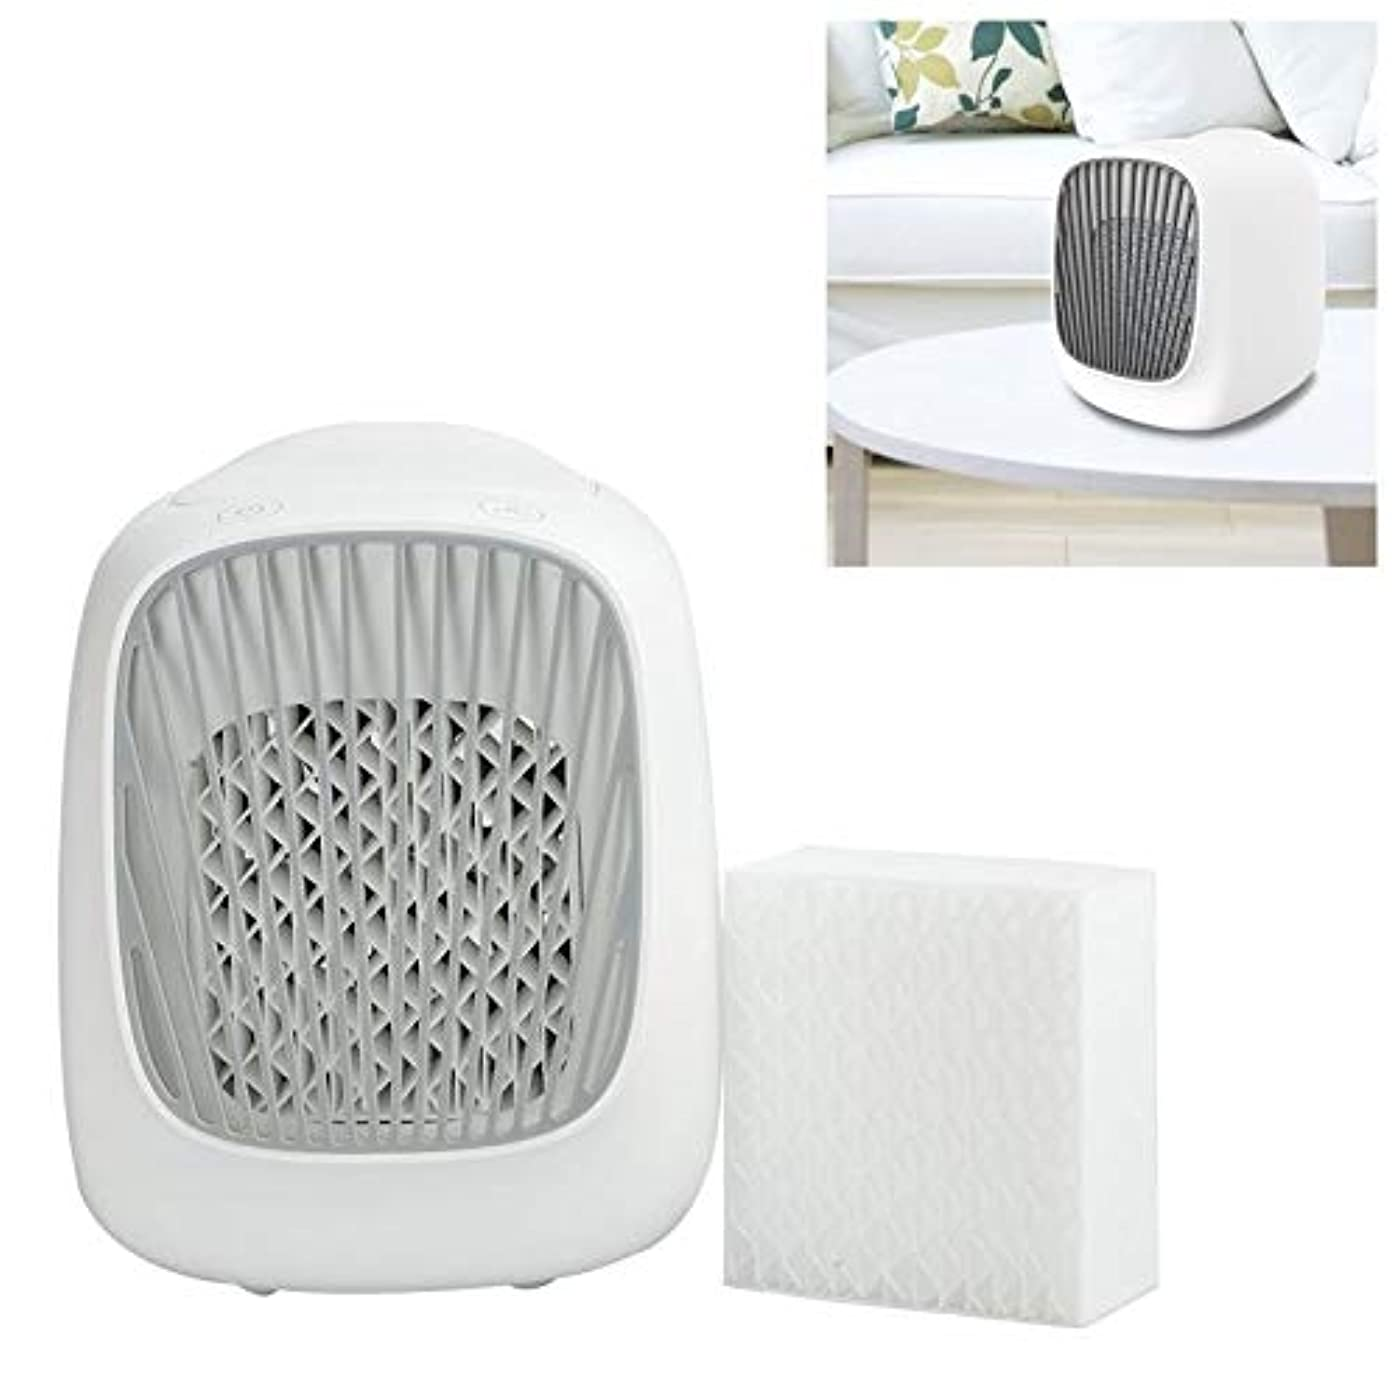 ハードアドバイス自我WZY 林ミニデスクトップUSB家庭用加湿エレクトリック交換可能なフィルタエレメントのセット(ホワイト)でファン自己完結型のフィルターエレメントエアコンモイスチャライジング冷却ファン (Color : White)